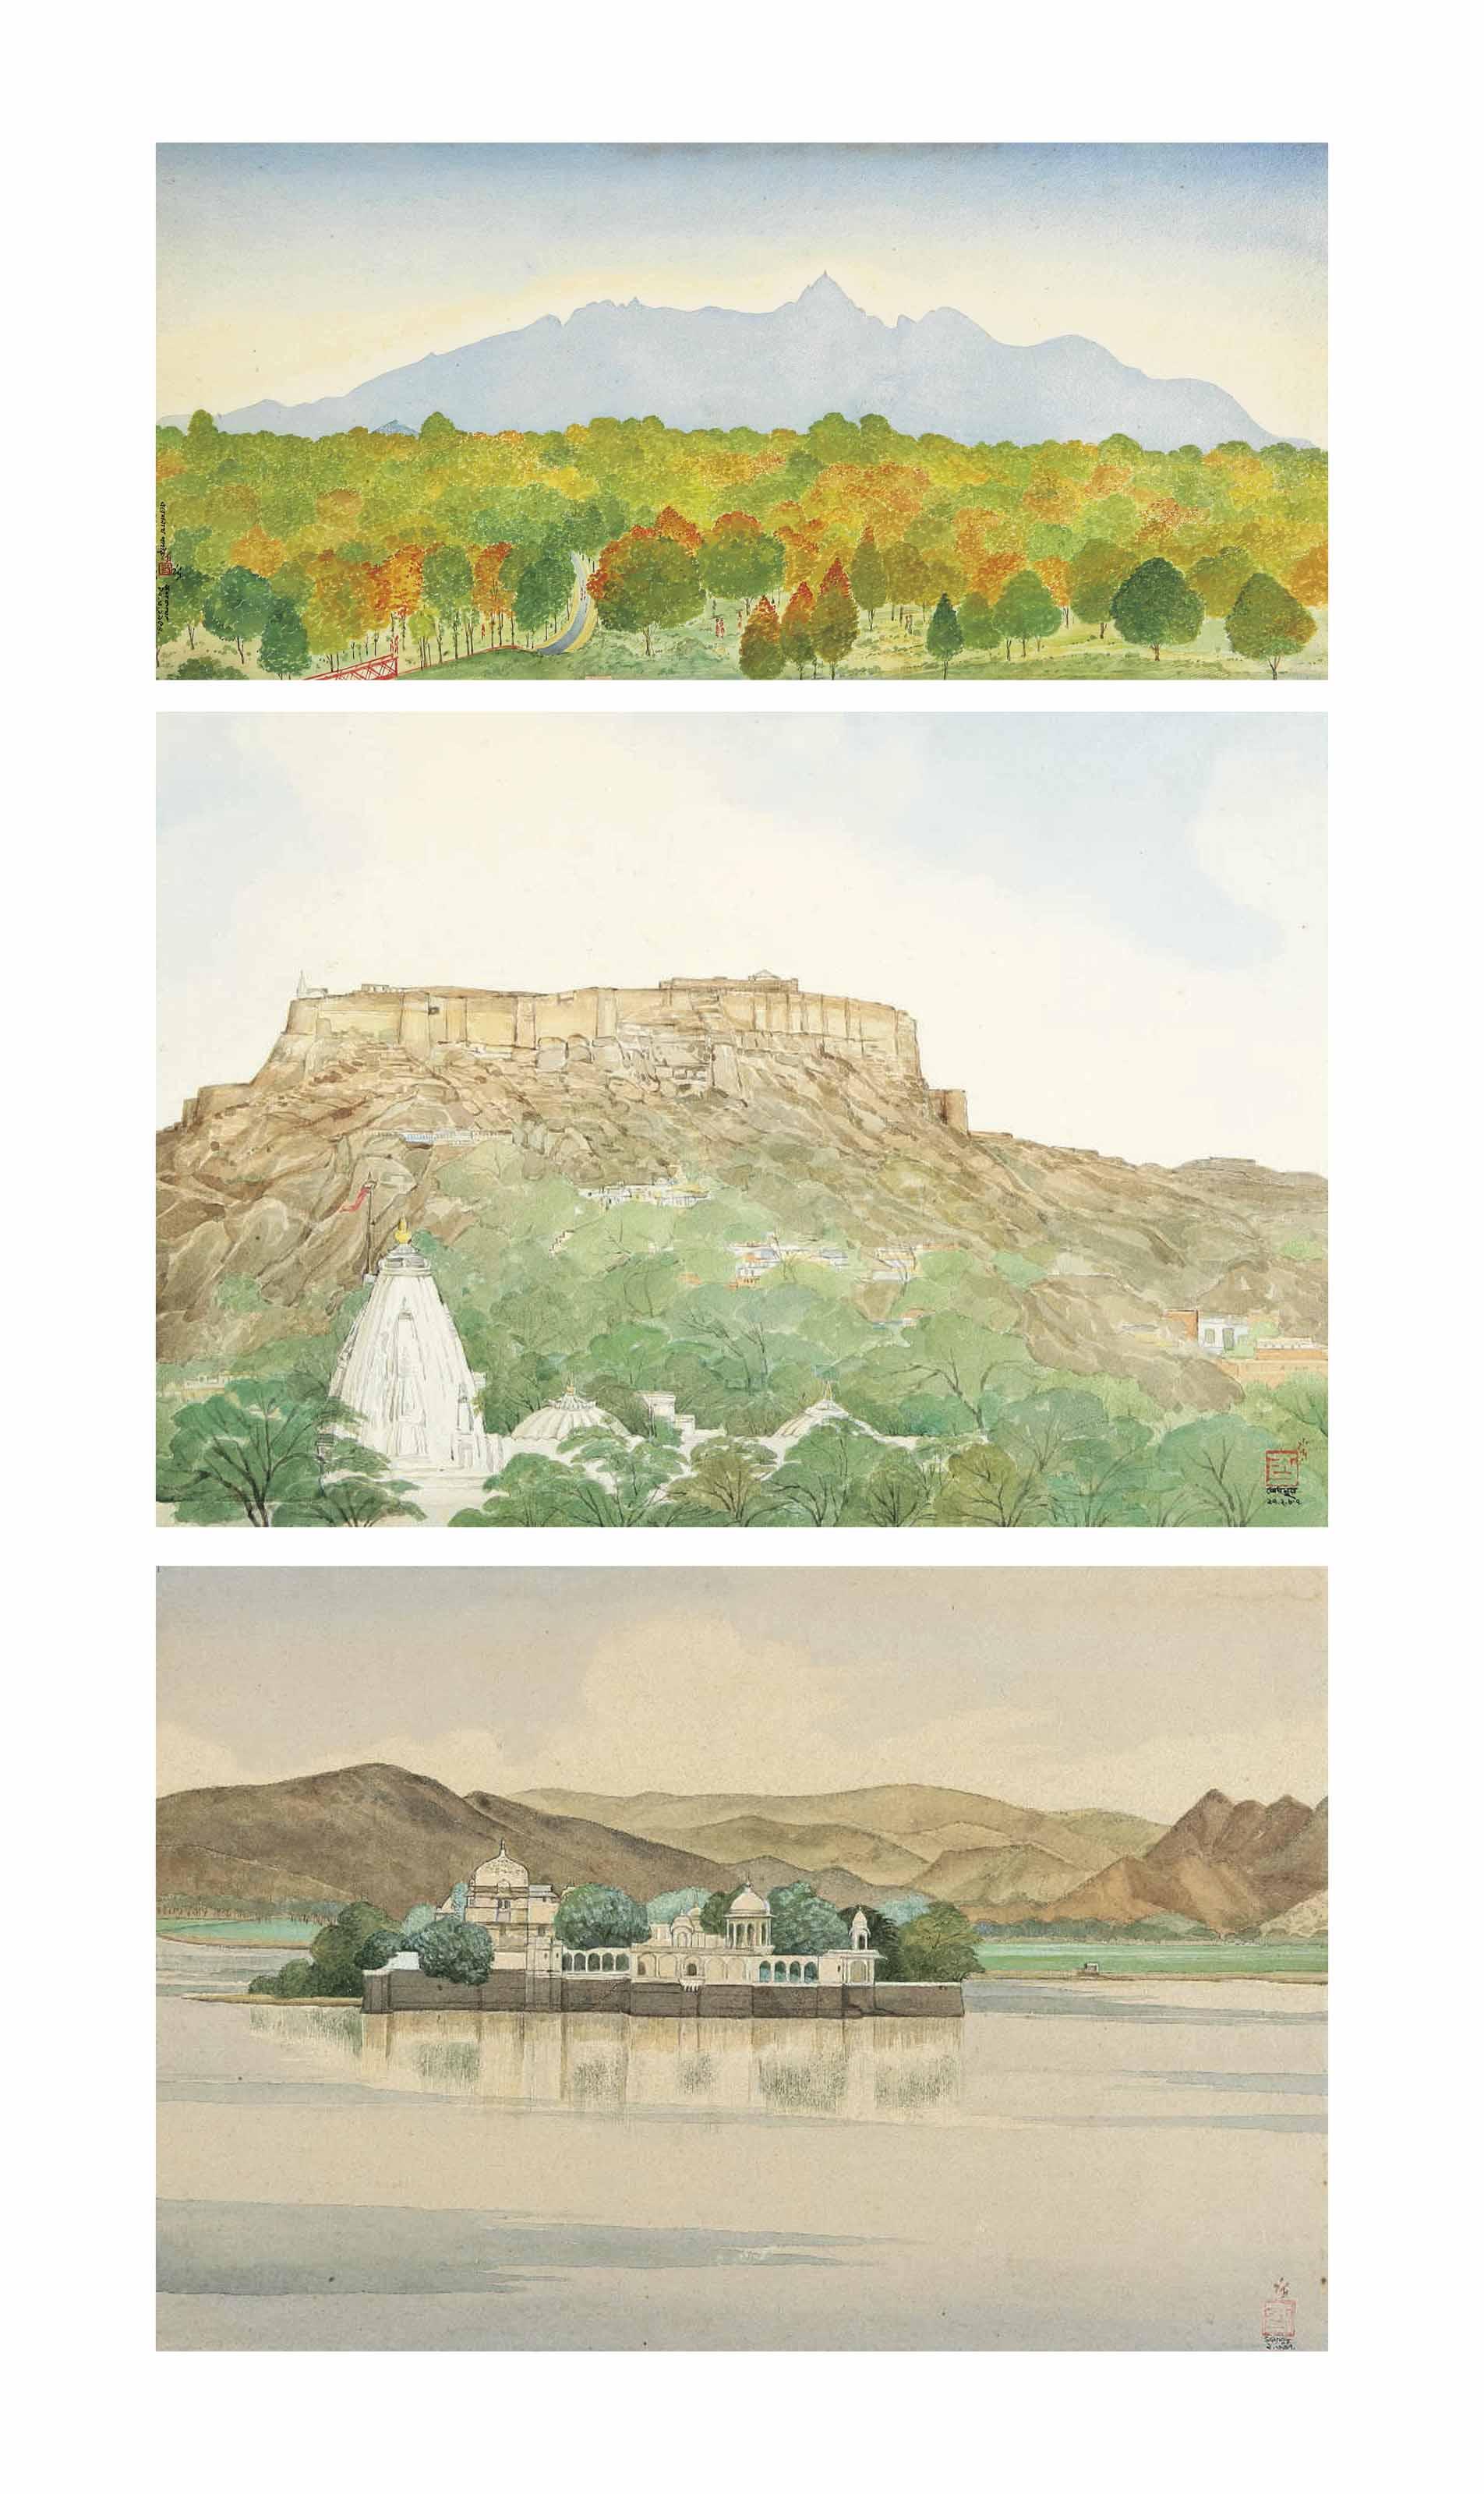 Parshwanath Hills; Mehrangar Fort (Jodhpur); Jagmandir Pichola Lake